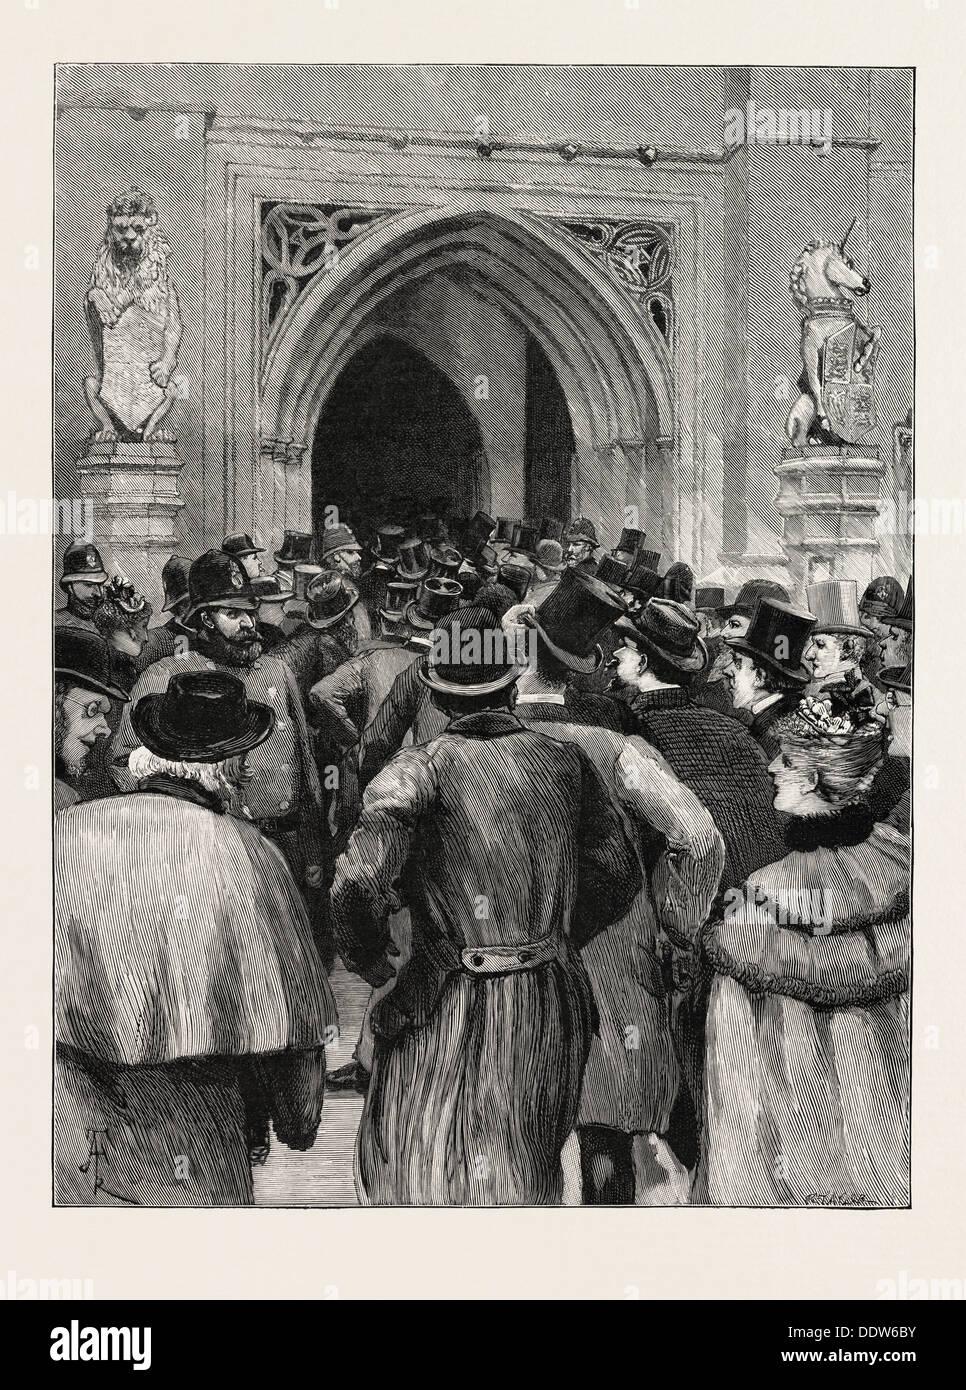 TOLLES Zuhause Artikel Aussprache: Szene an der Tür von der Haus der COMMONS, UK, 1893, 1893-Gravur Stockbild